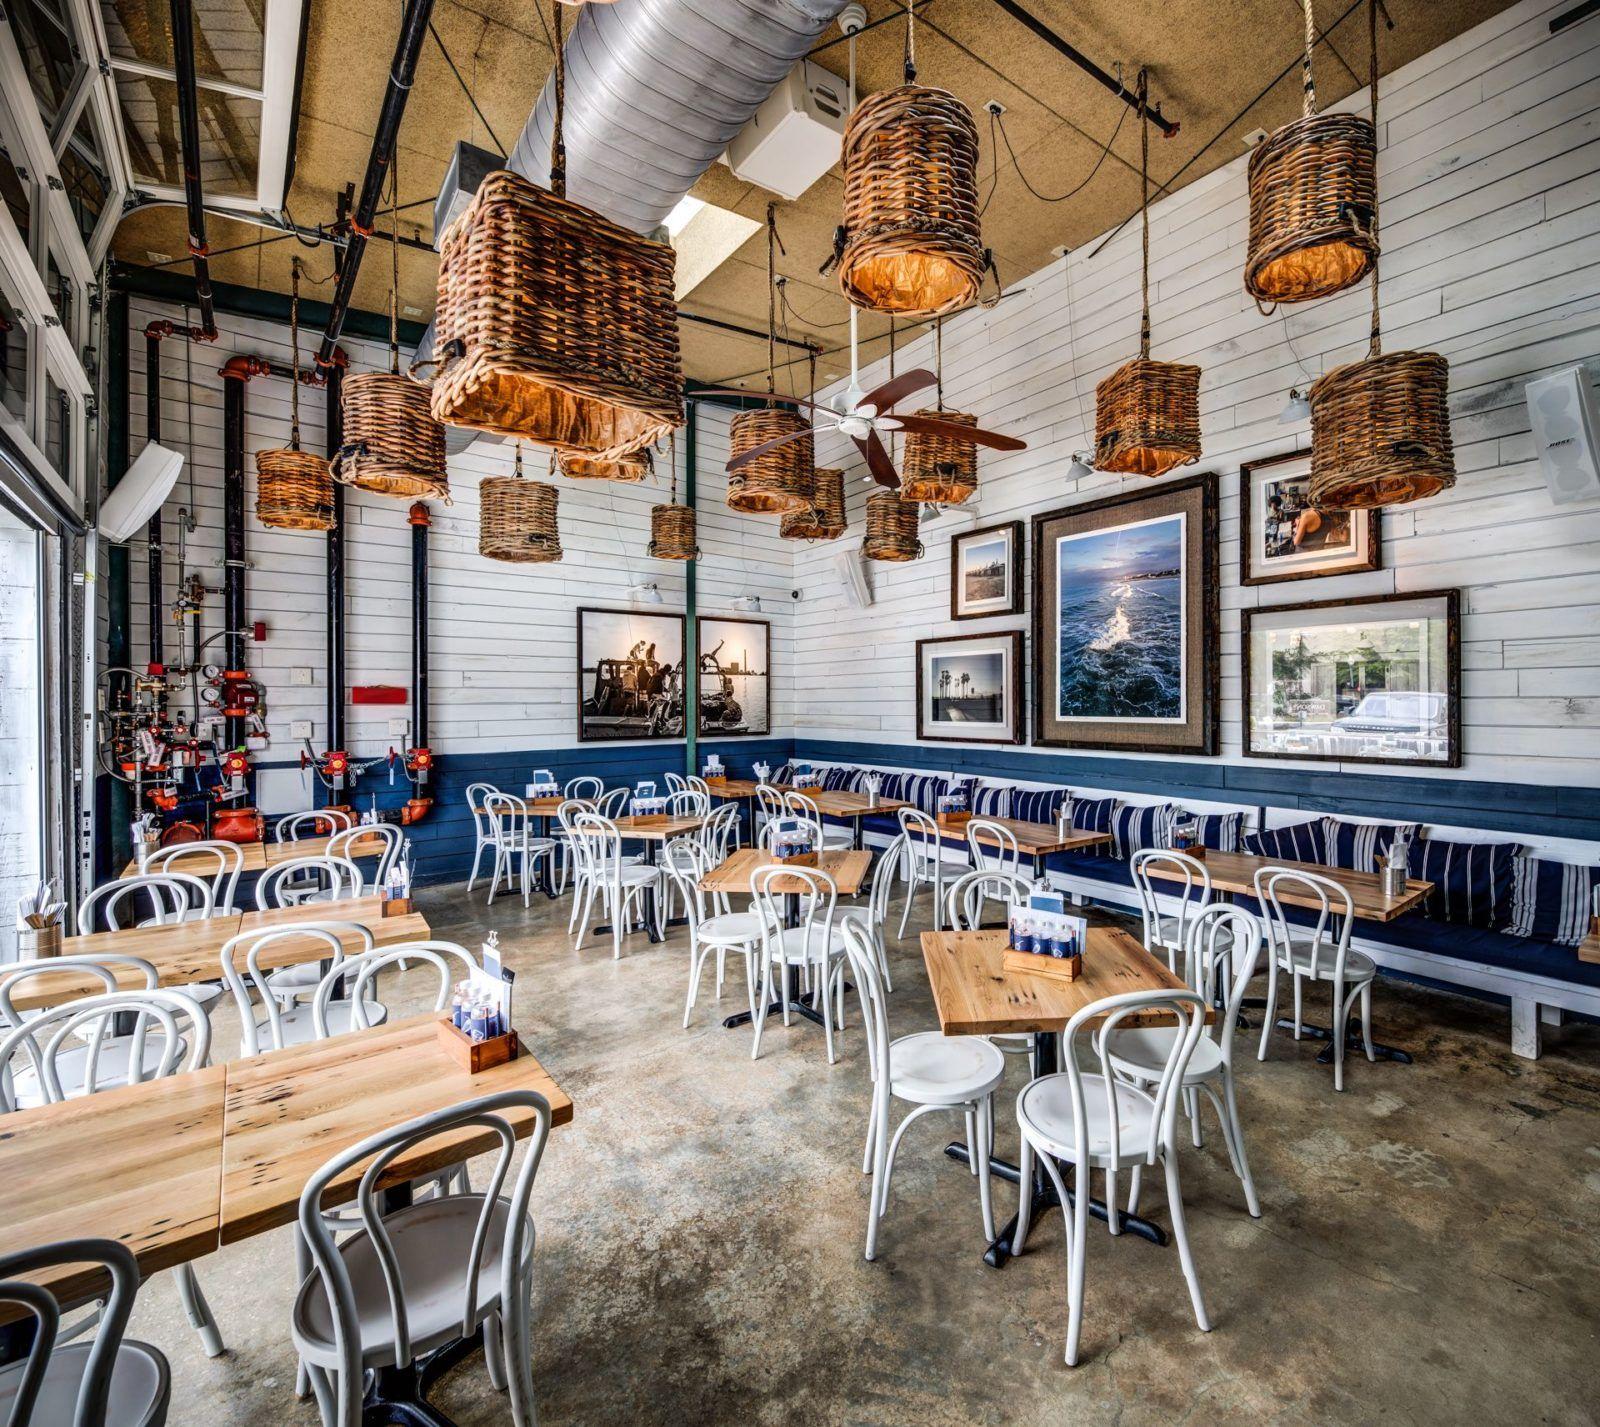 Top 5 Instagram-Worthy Breakfast & Brunch Restaurants In